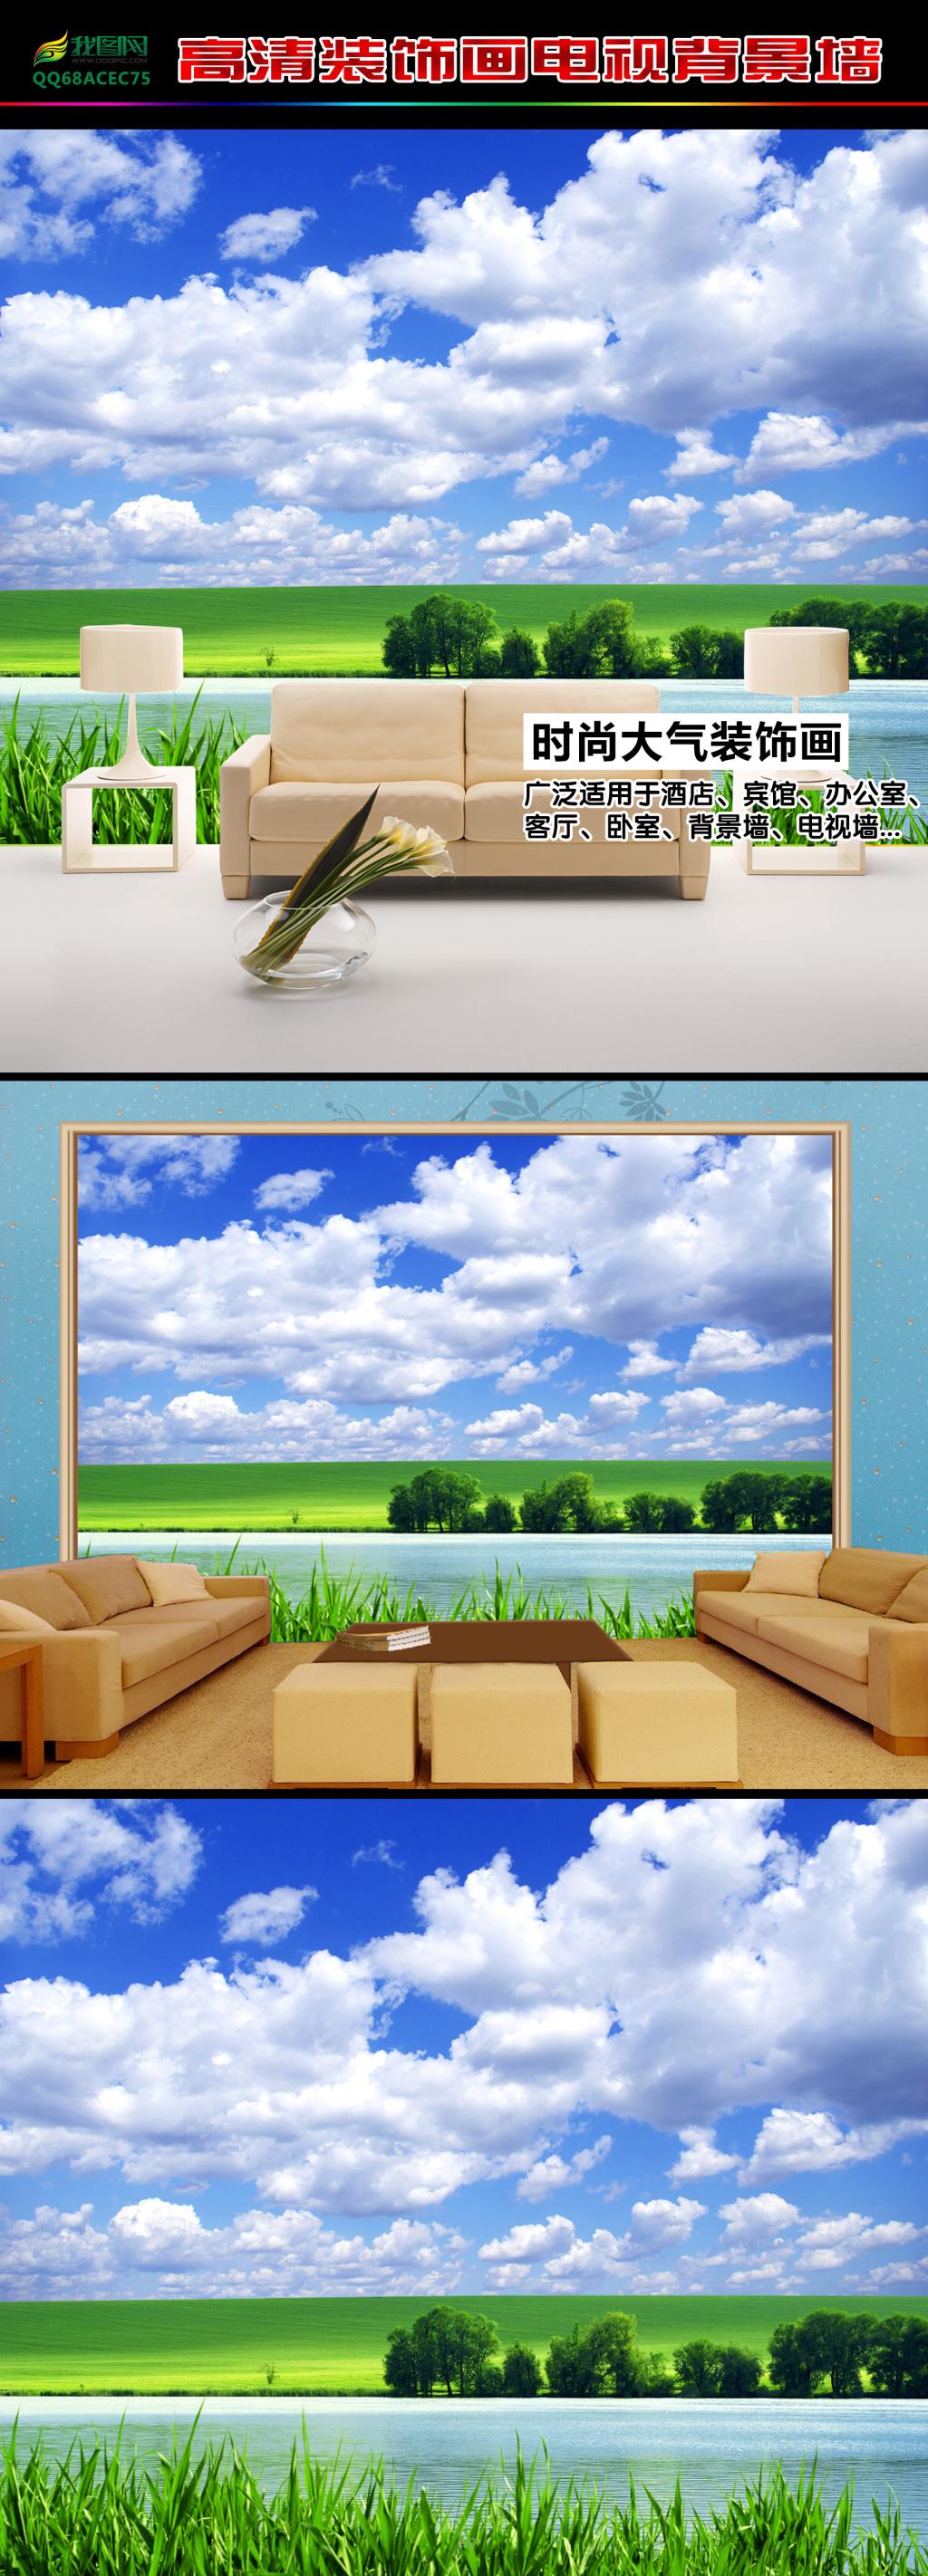 微信                  原创设计海阔天空高清风景背景墙素材是用户qq